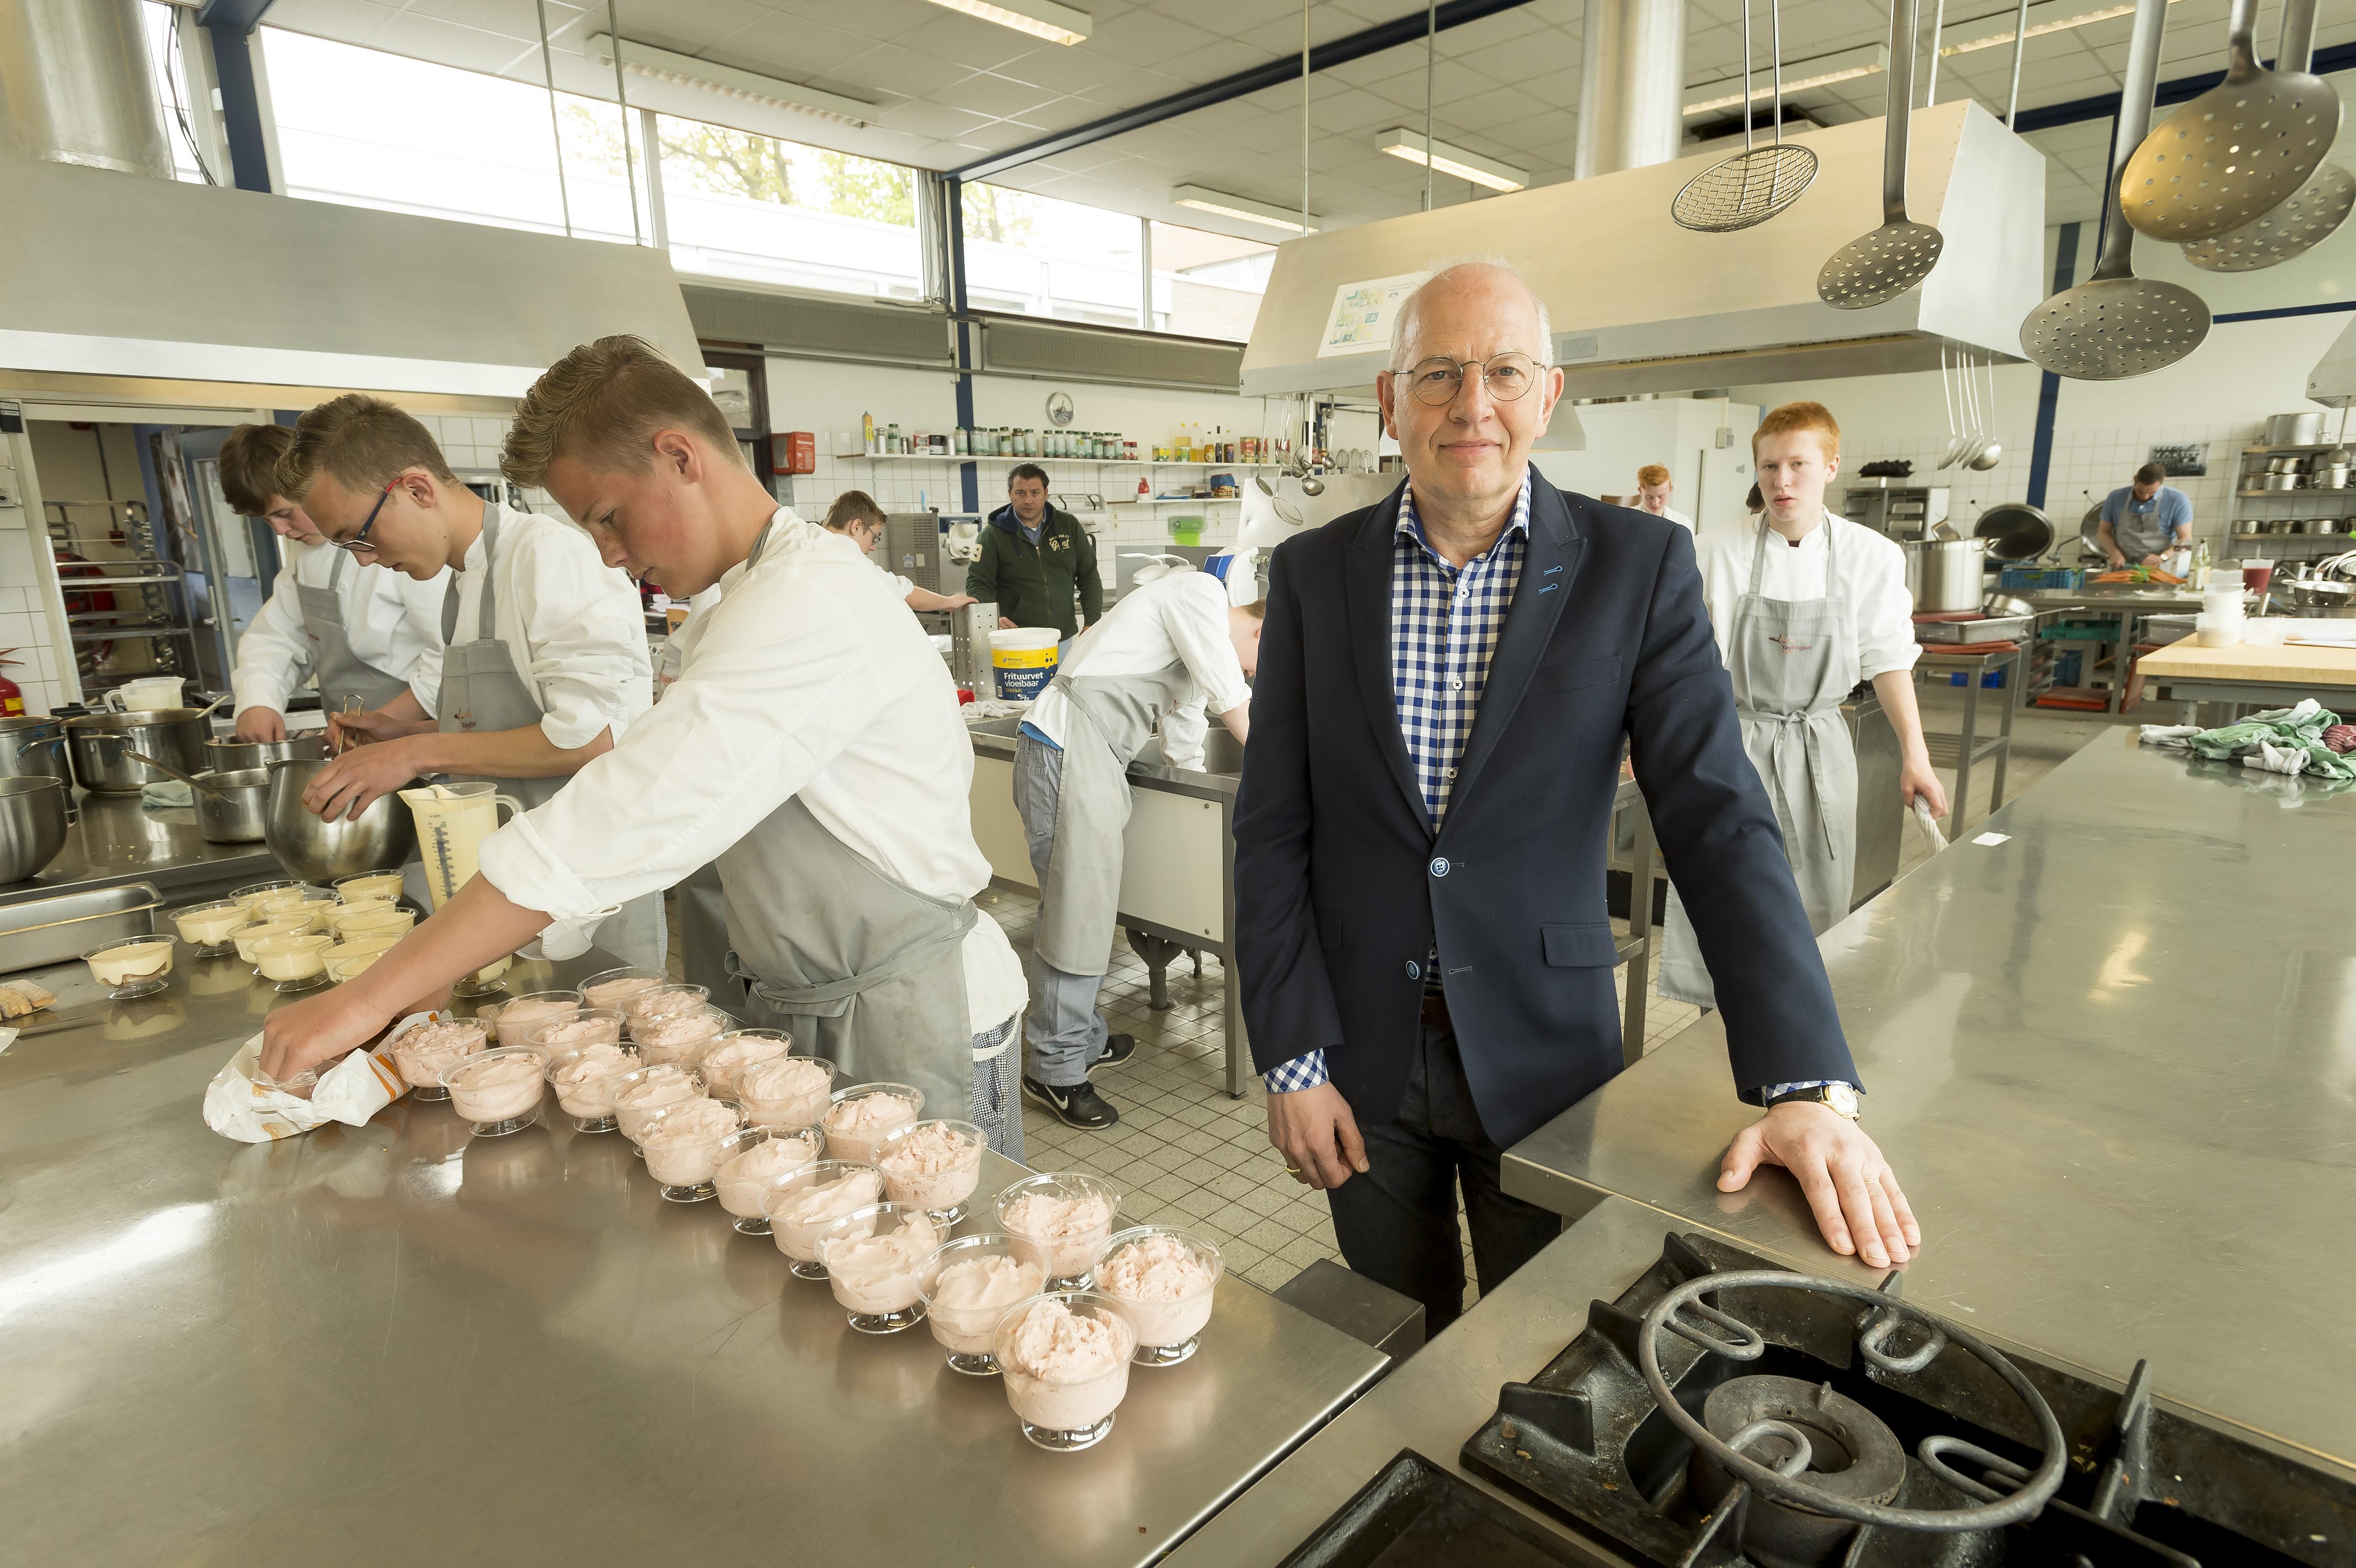 Slechthorende leerling welkom bij KTS Voorhout